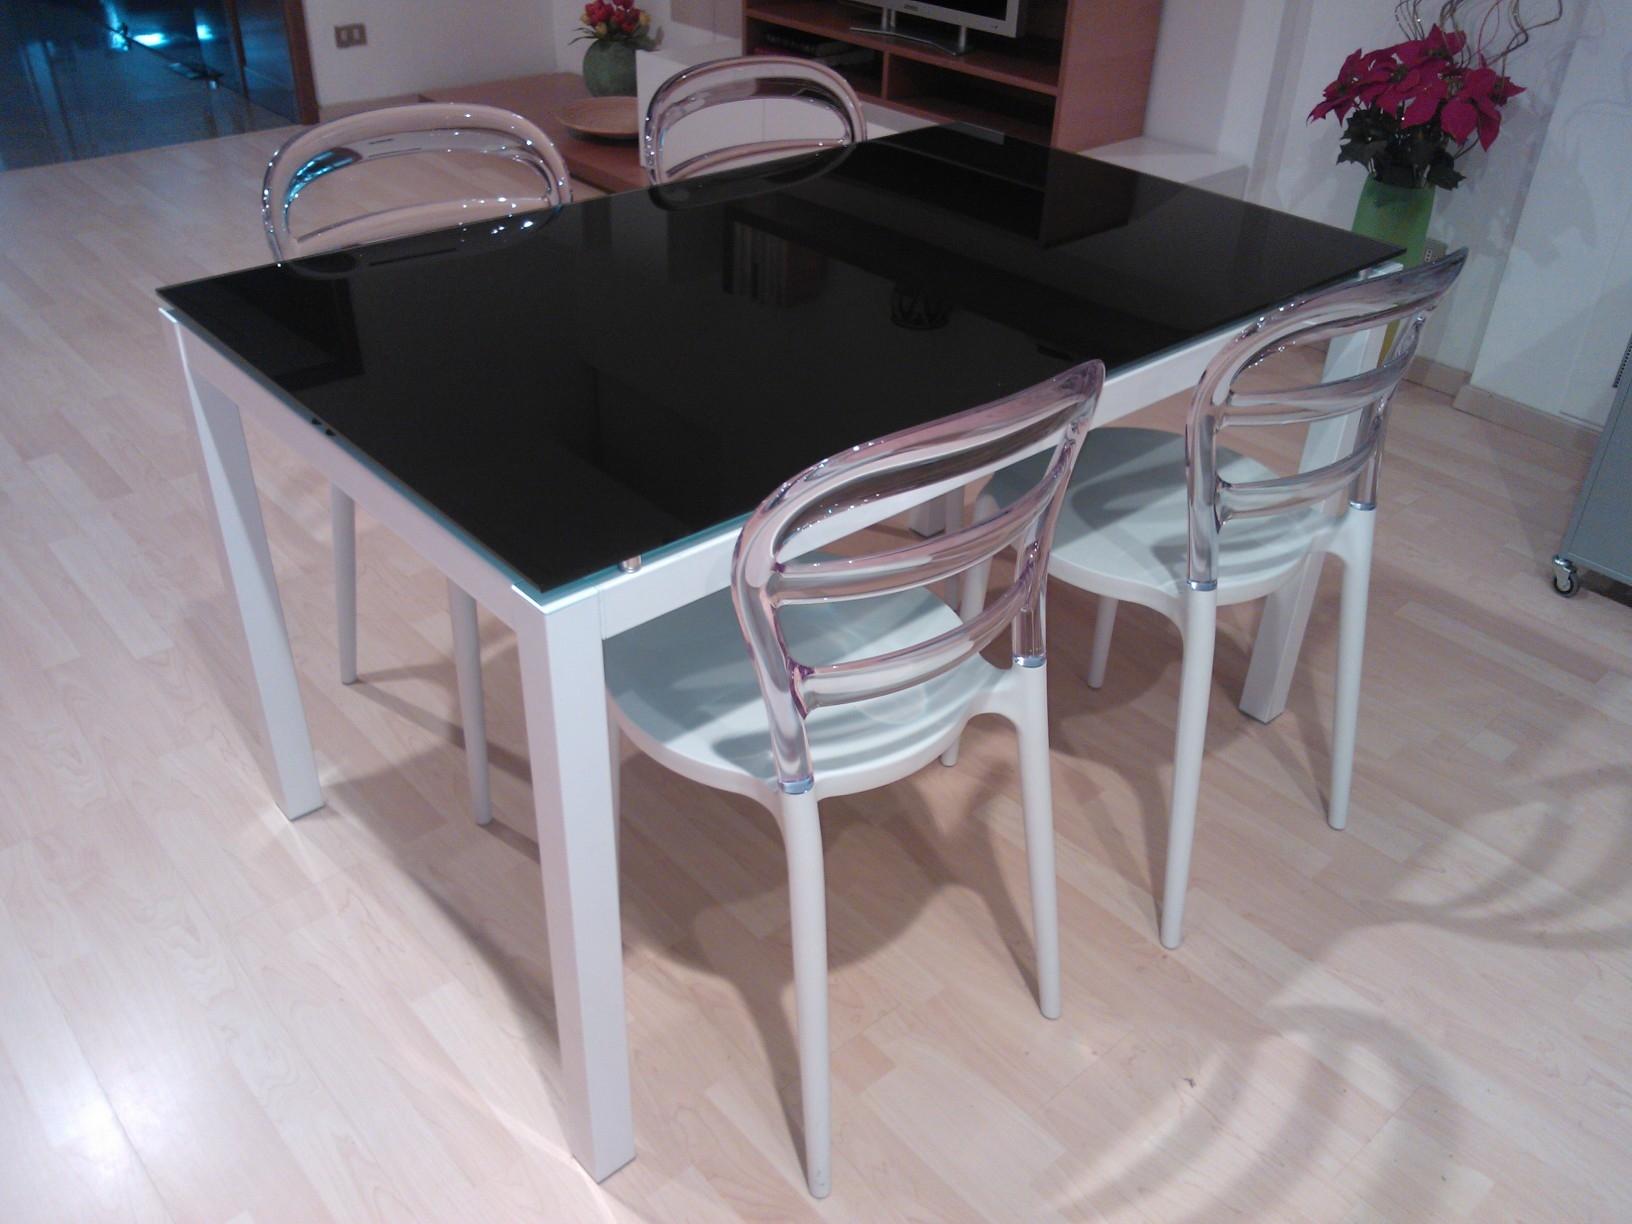 La seggiola tavolo tavolo cristallo con sedie design for Tavolo di cristallo